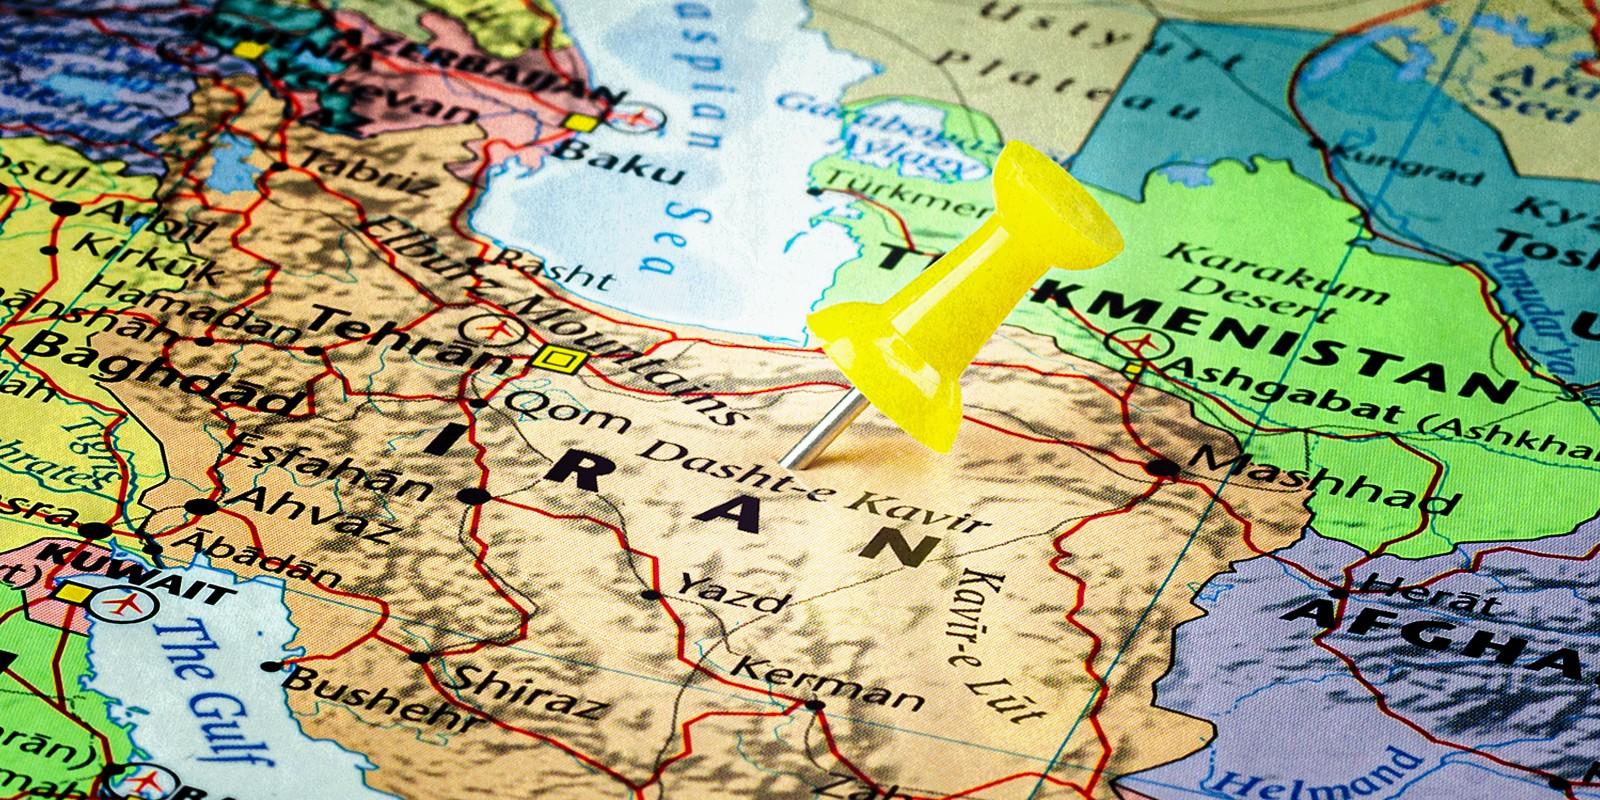 מפה של איראן